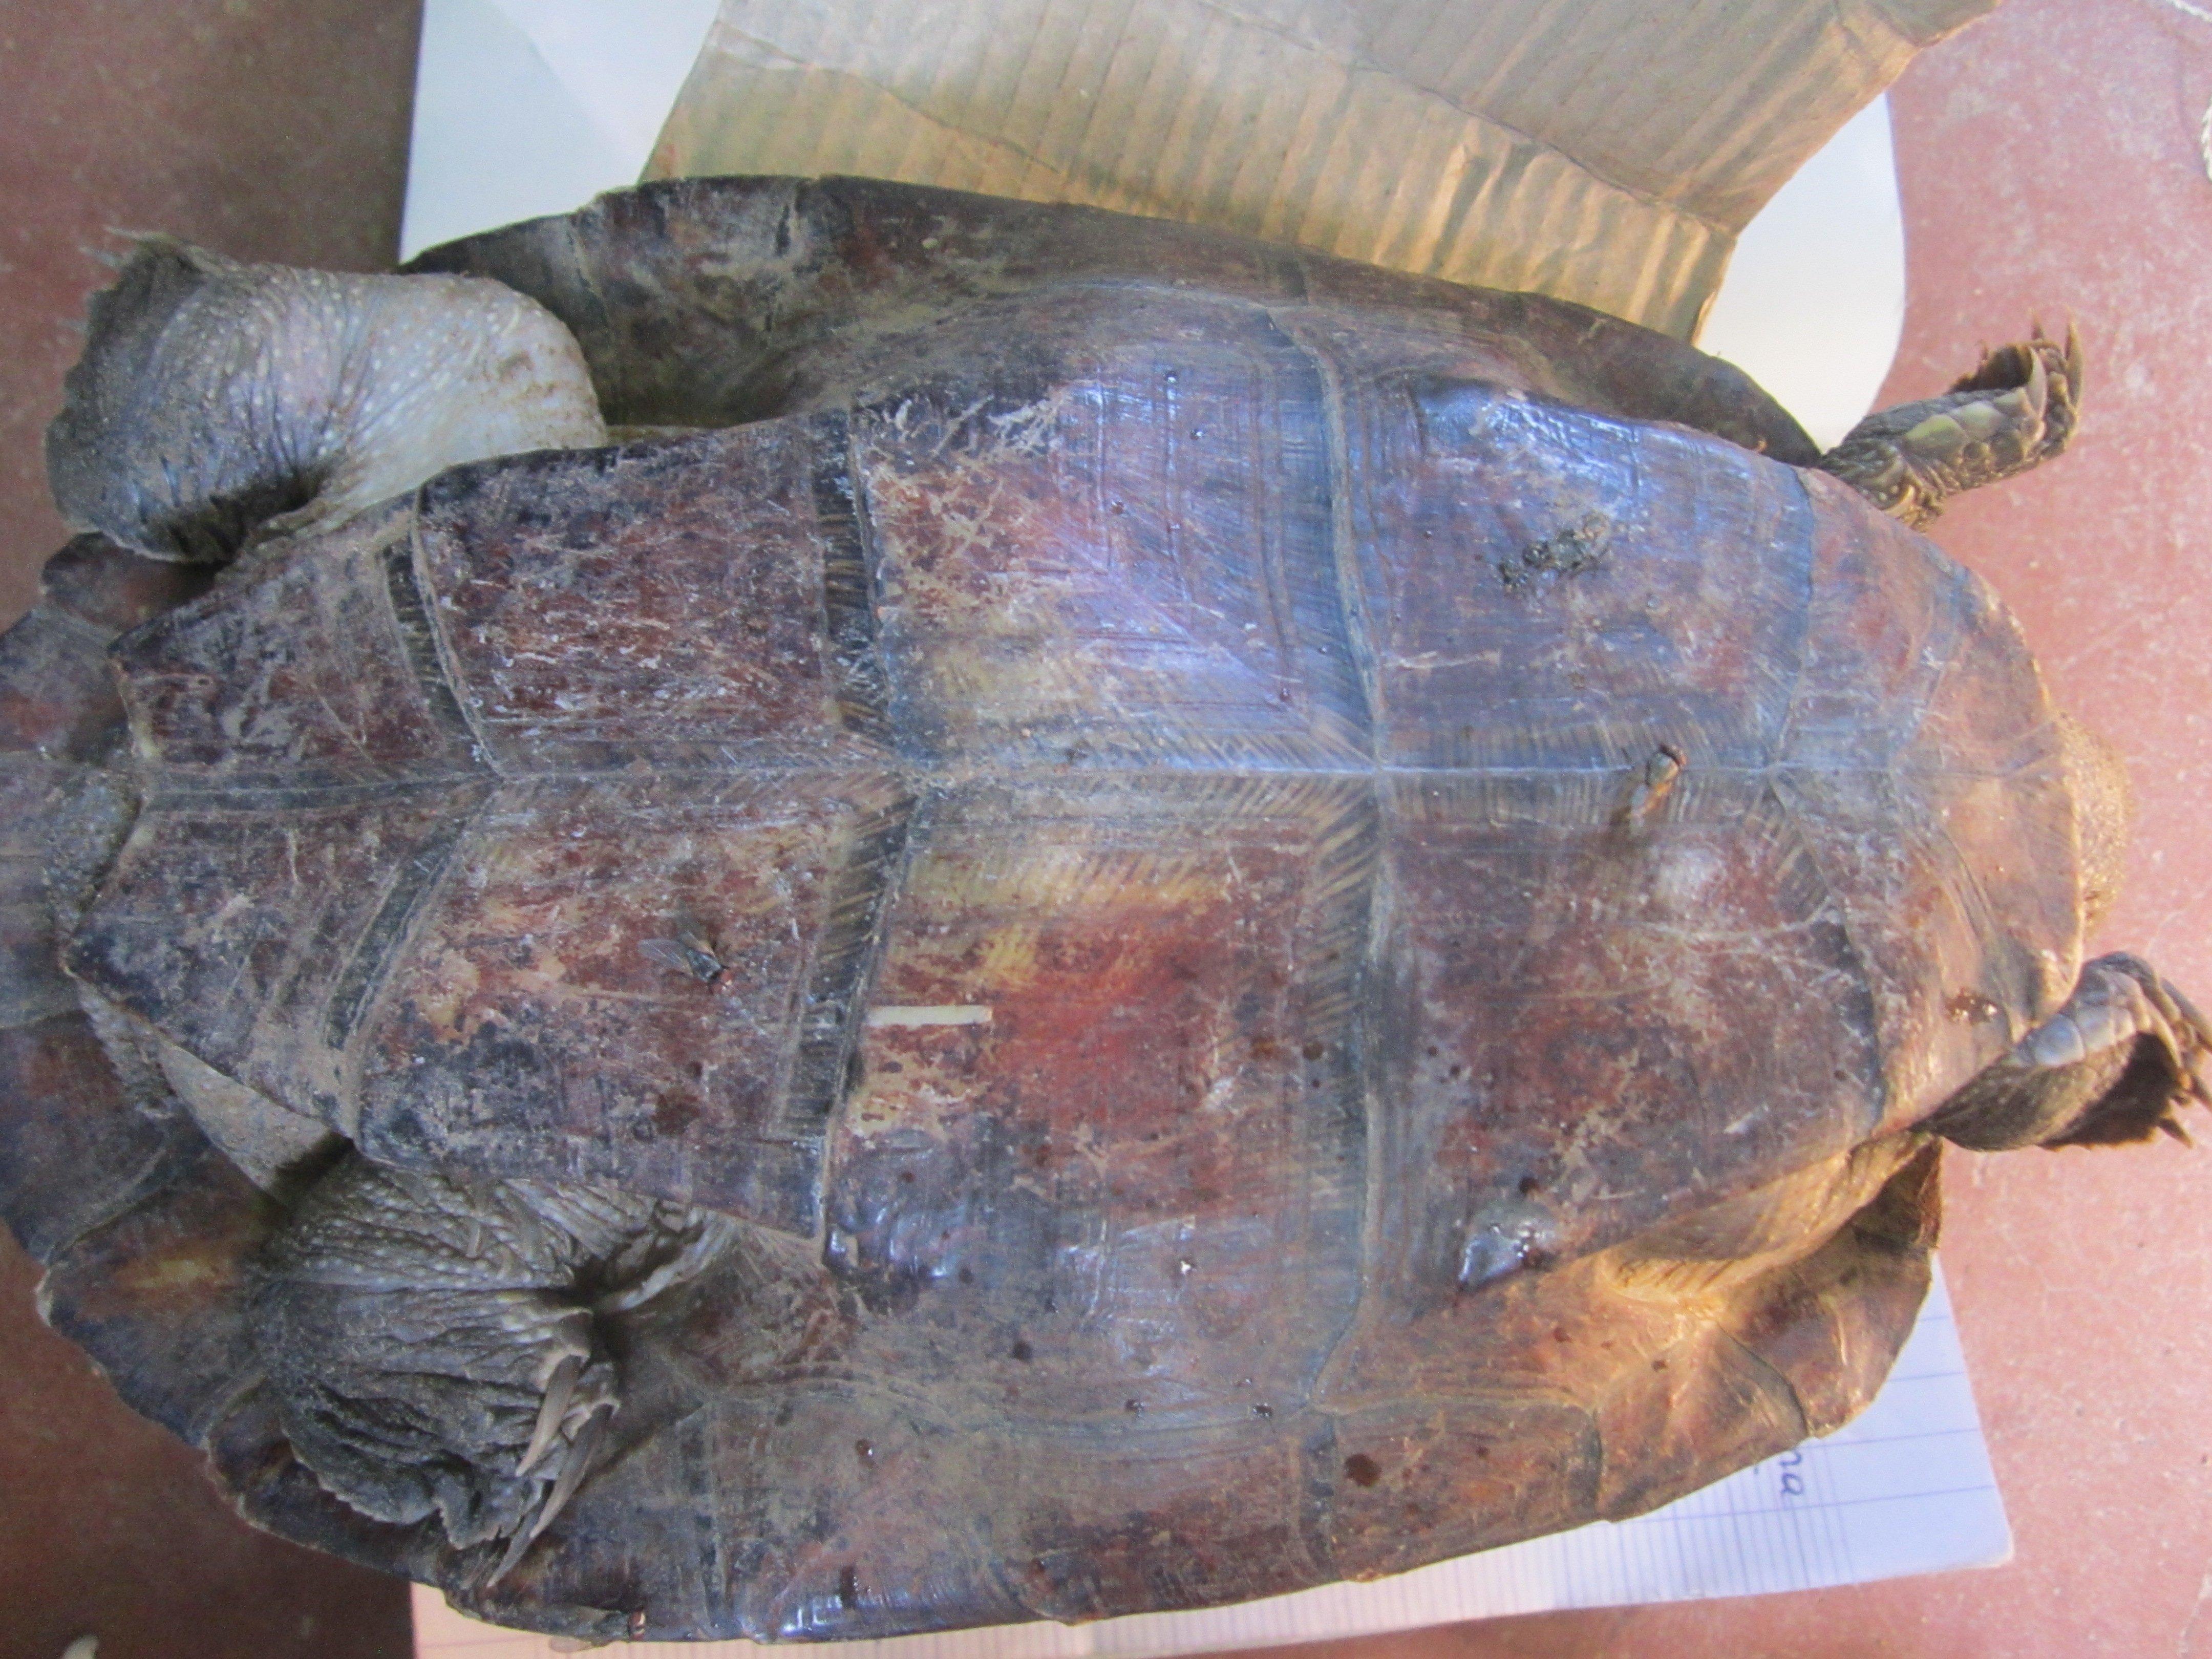 Aspinall 1812 Madagascar big headed turtle at Ambatomasina by Lucien Randrianarimanana (2)